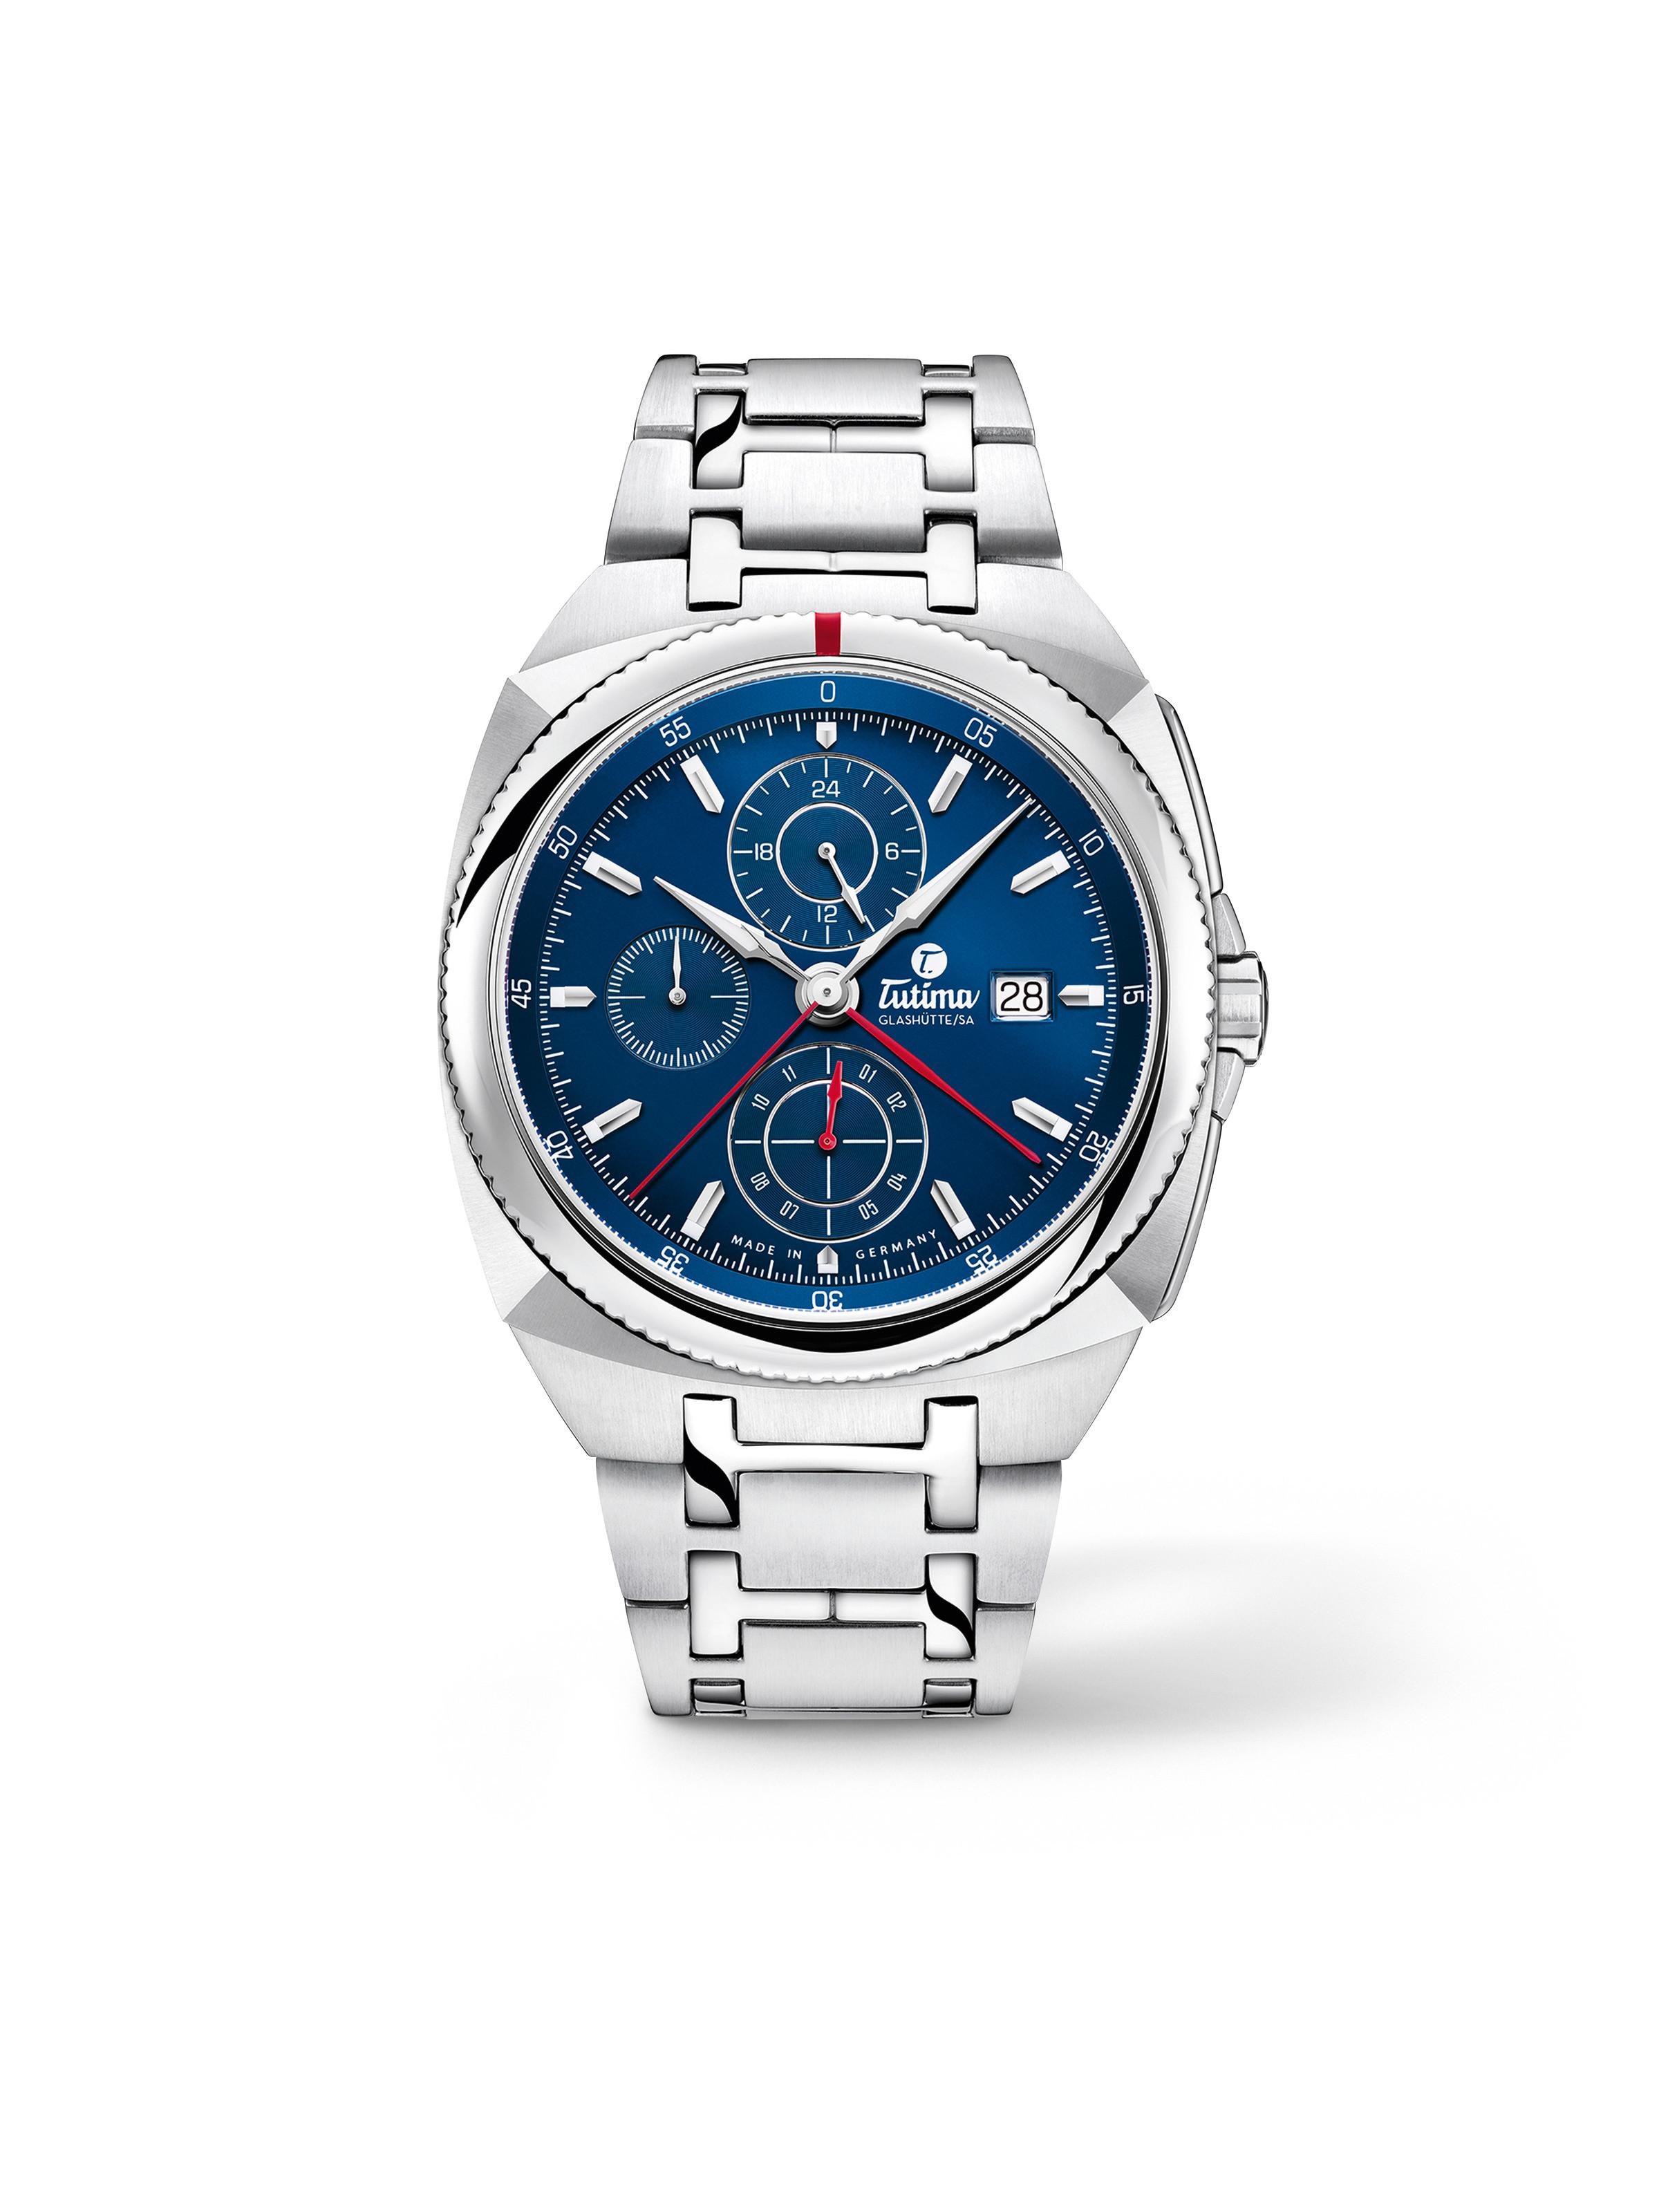 Saxon One Chronograph Royal Blue